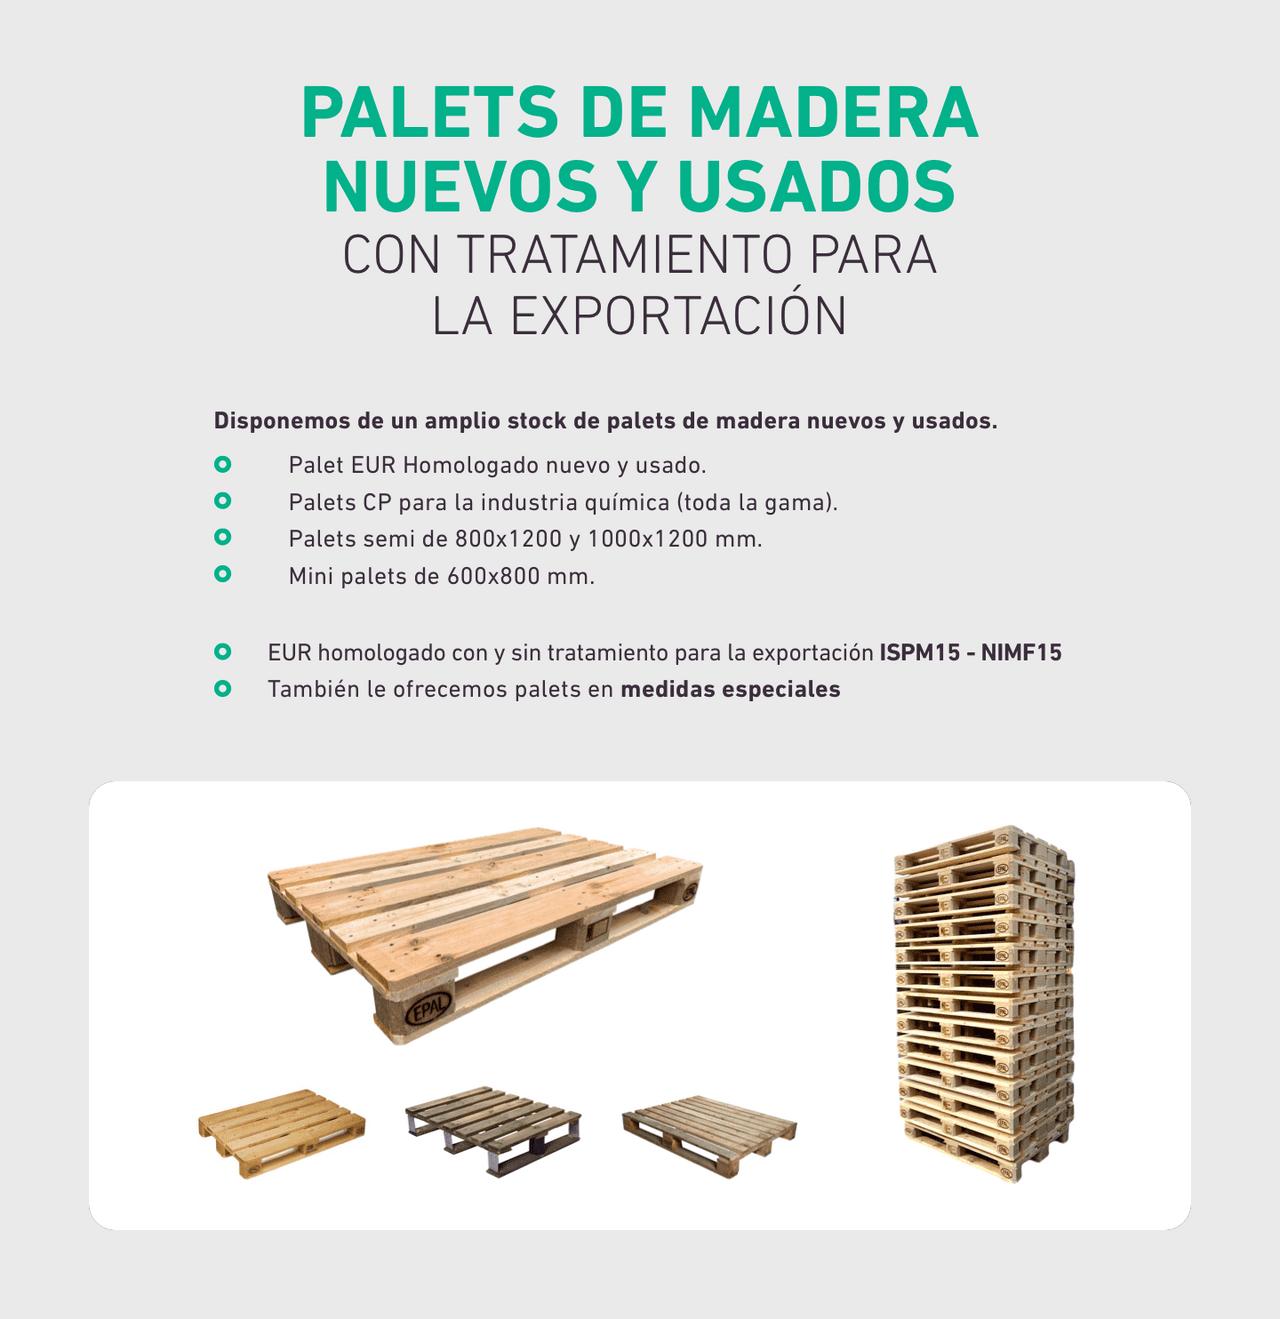 PALETS DE MADERA NUEVOS Y USADOS CON TRATAMIENTO PARA  LA EXPORTACIÓN. Disponemos de un amplio stock de palets de madera nuevos y usados. Palet EUR Homologado nuevo y usado.Palets CP para la industria química (toda la gama).Palets semi de 800x1200 y 1000x1200 mm.Mini palets de 600x800 mm.